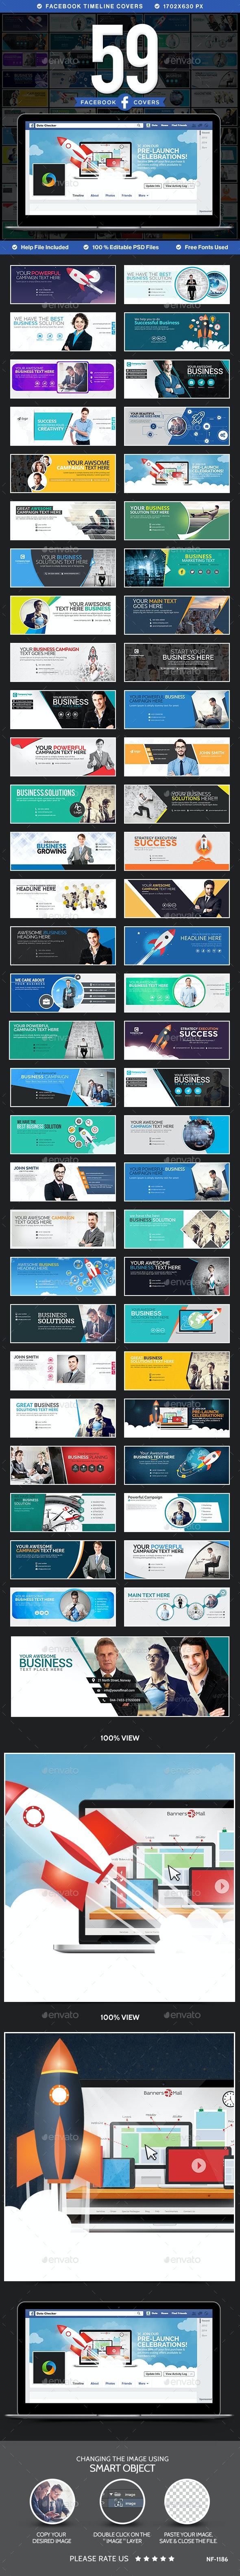 Mega Facebook Timeline Covers Bundle - 59 Designs  - Facebook Timeline Covers Social Media